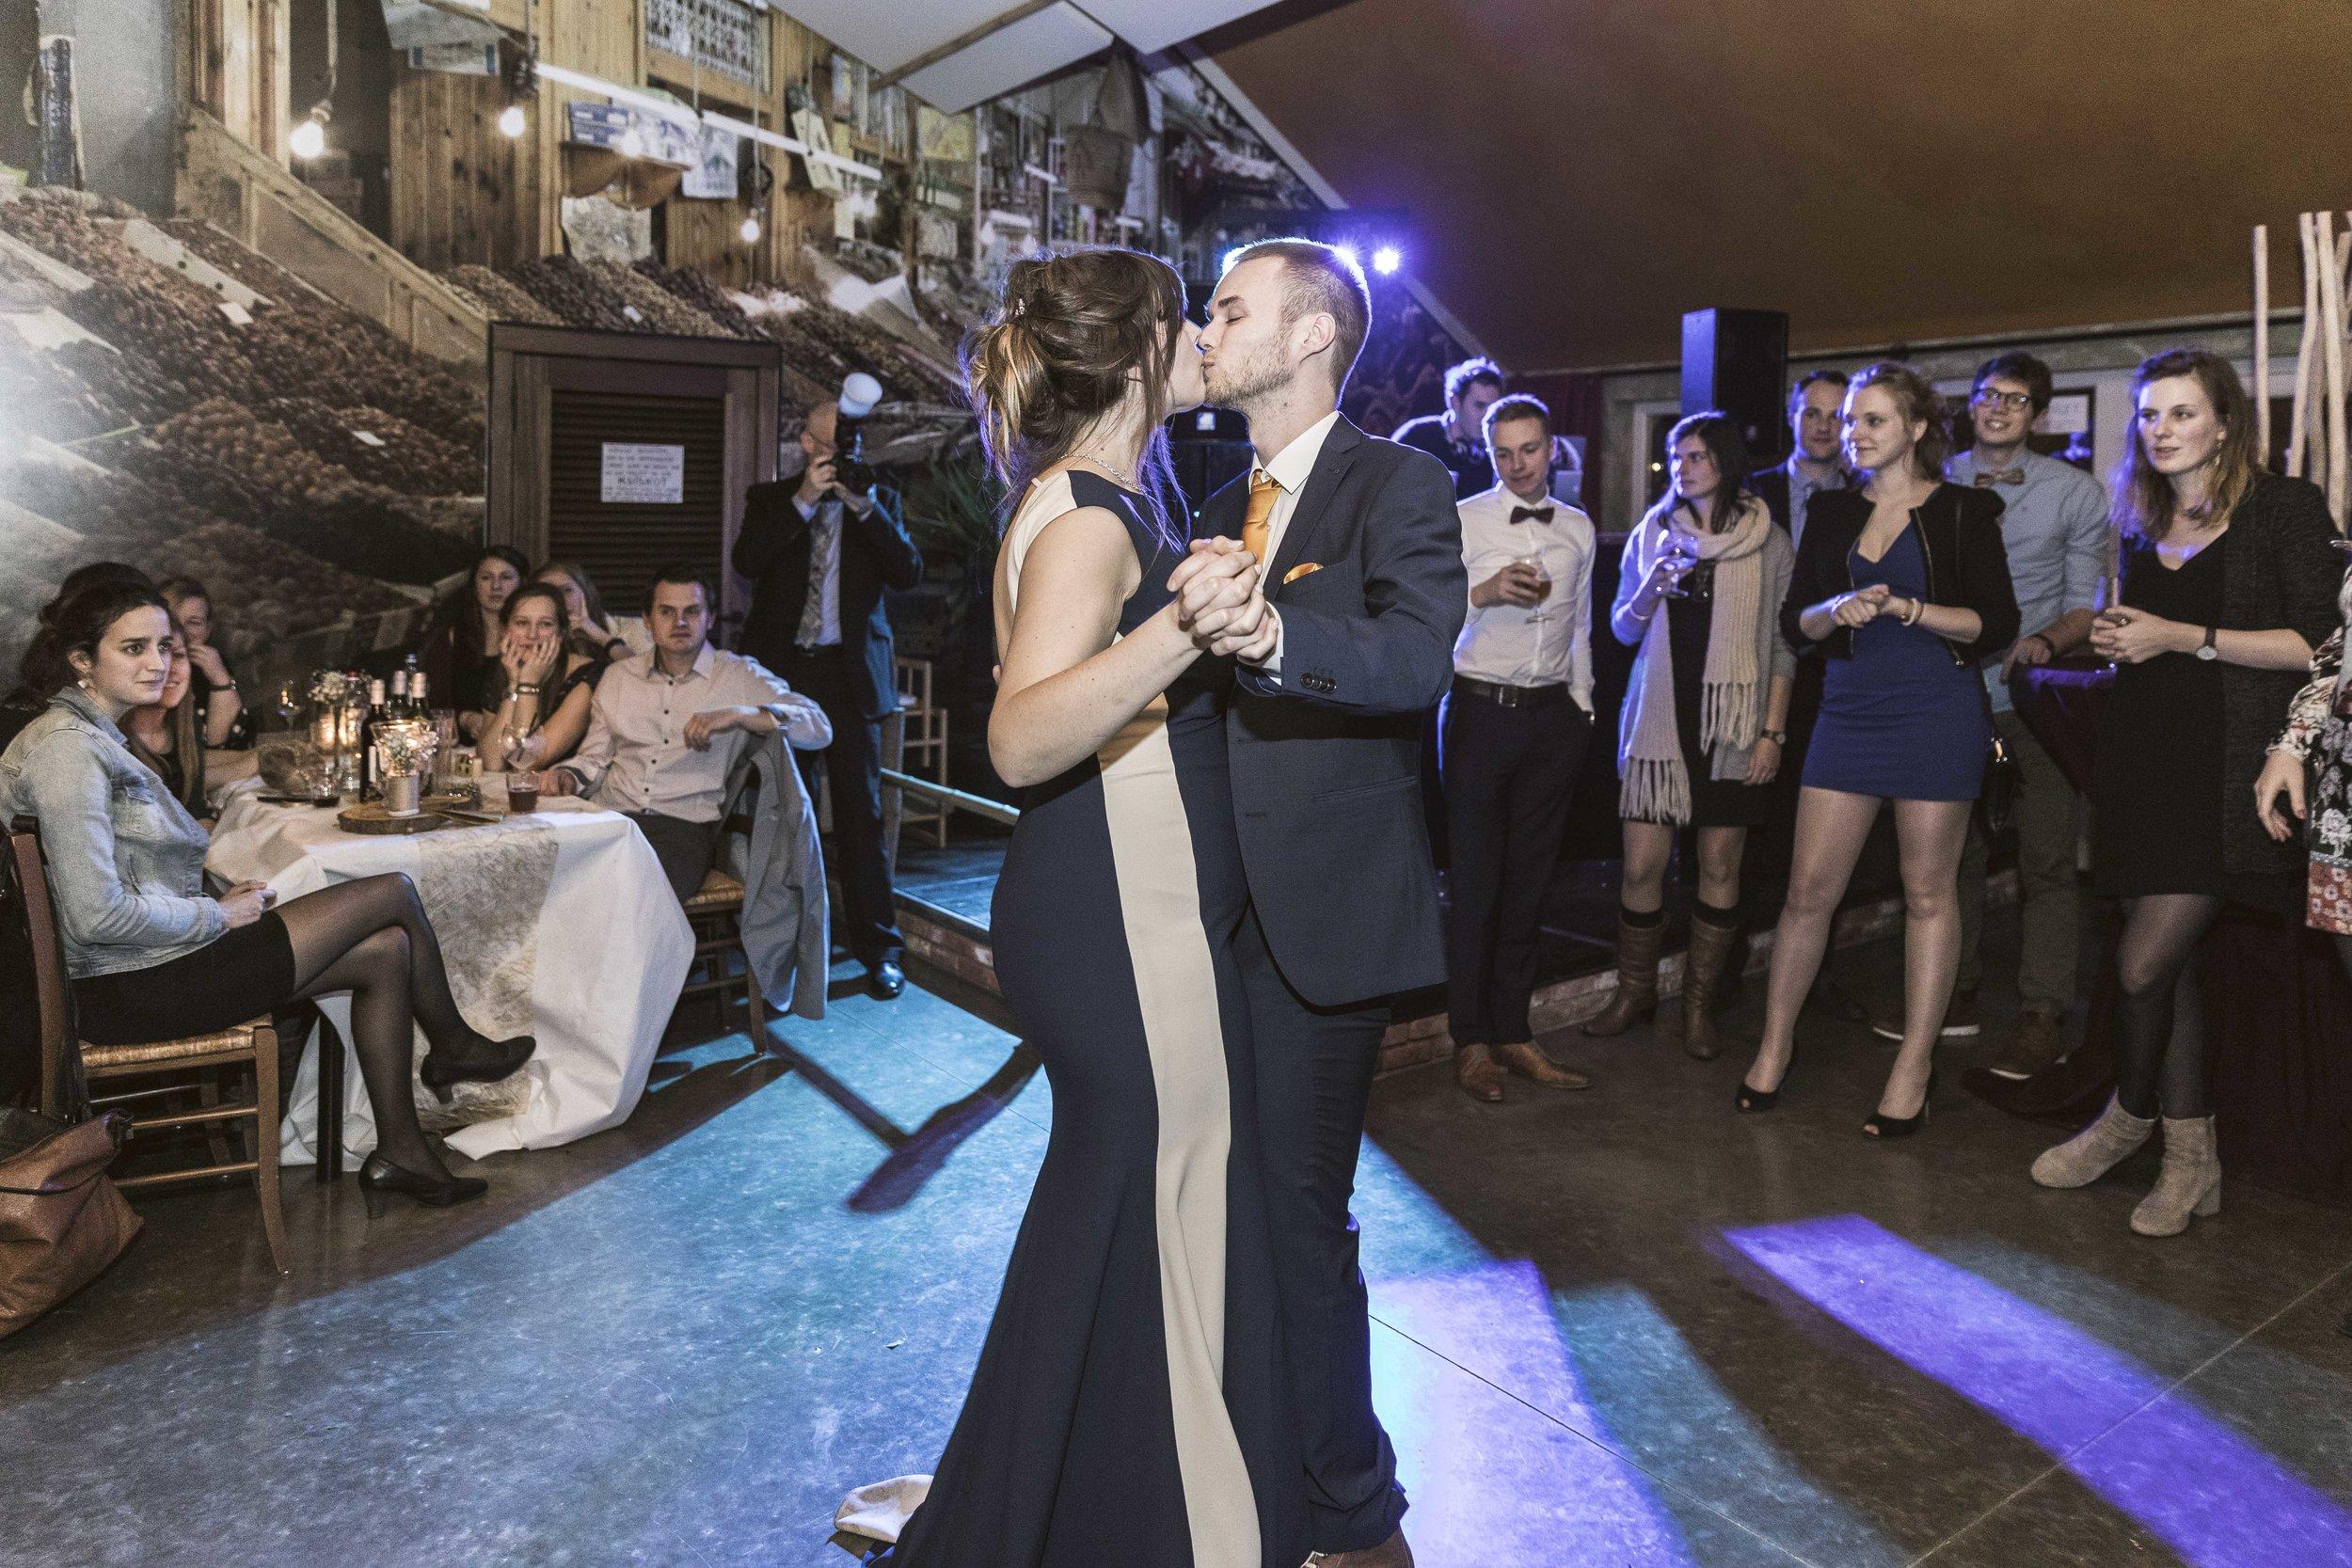 Huwelijk-Karo-Steven-20171216-Alexis-Breugelmans-063.jpg